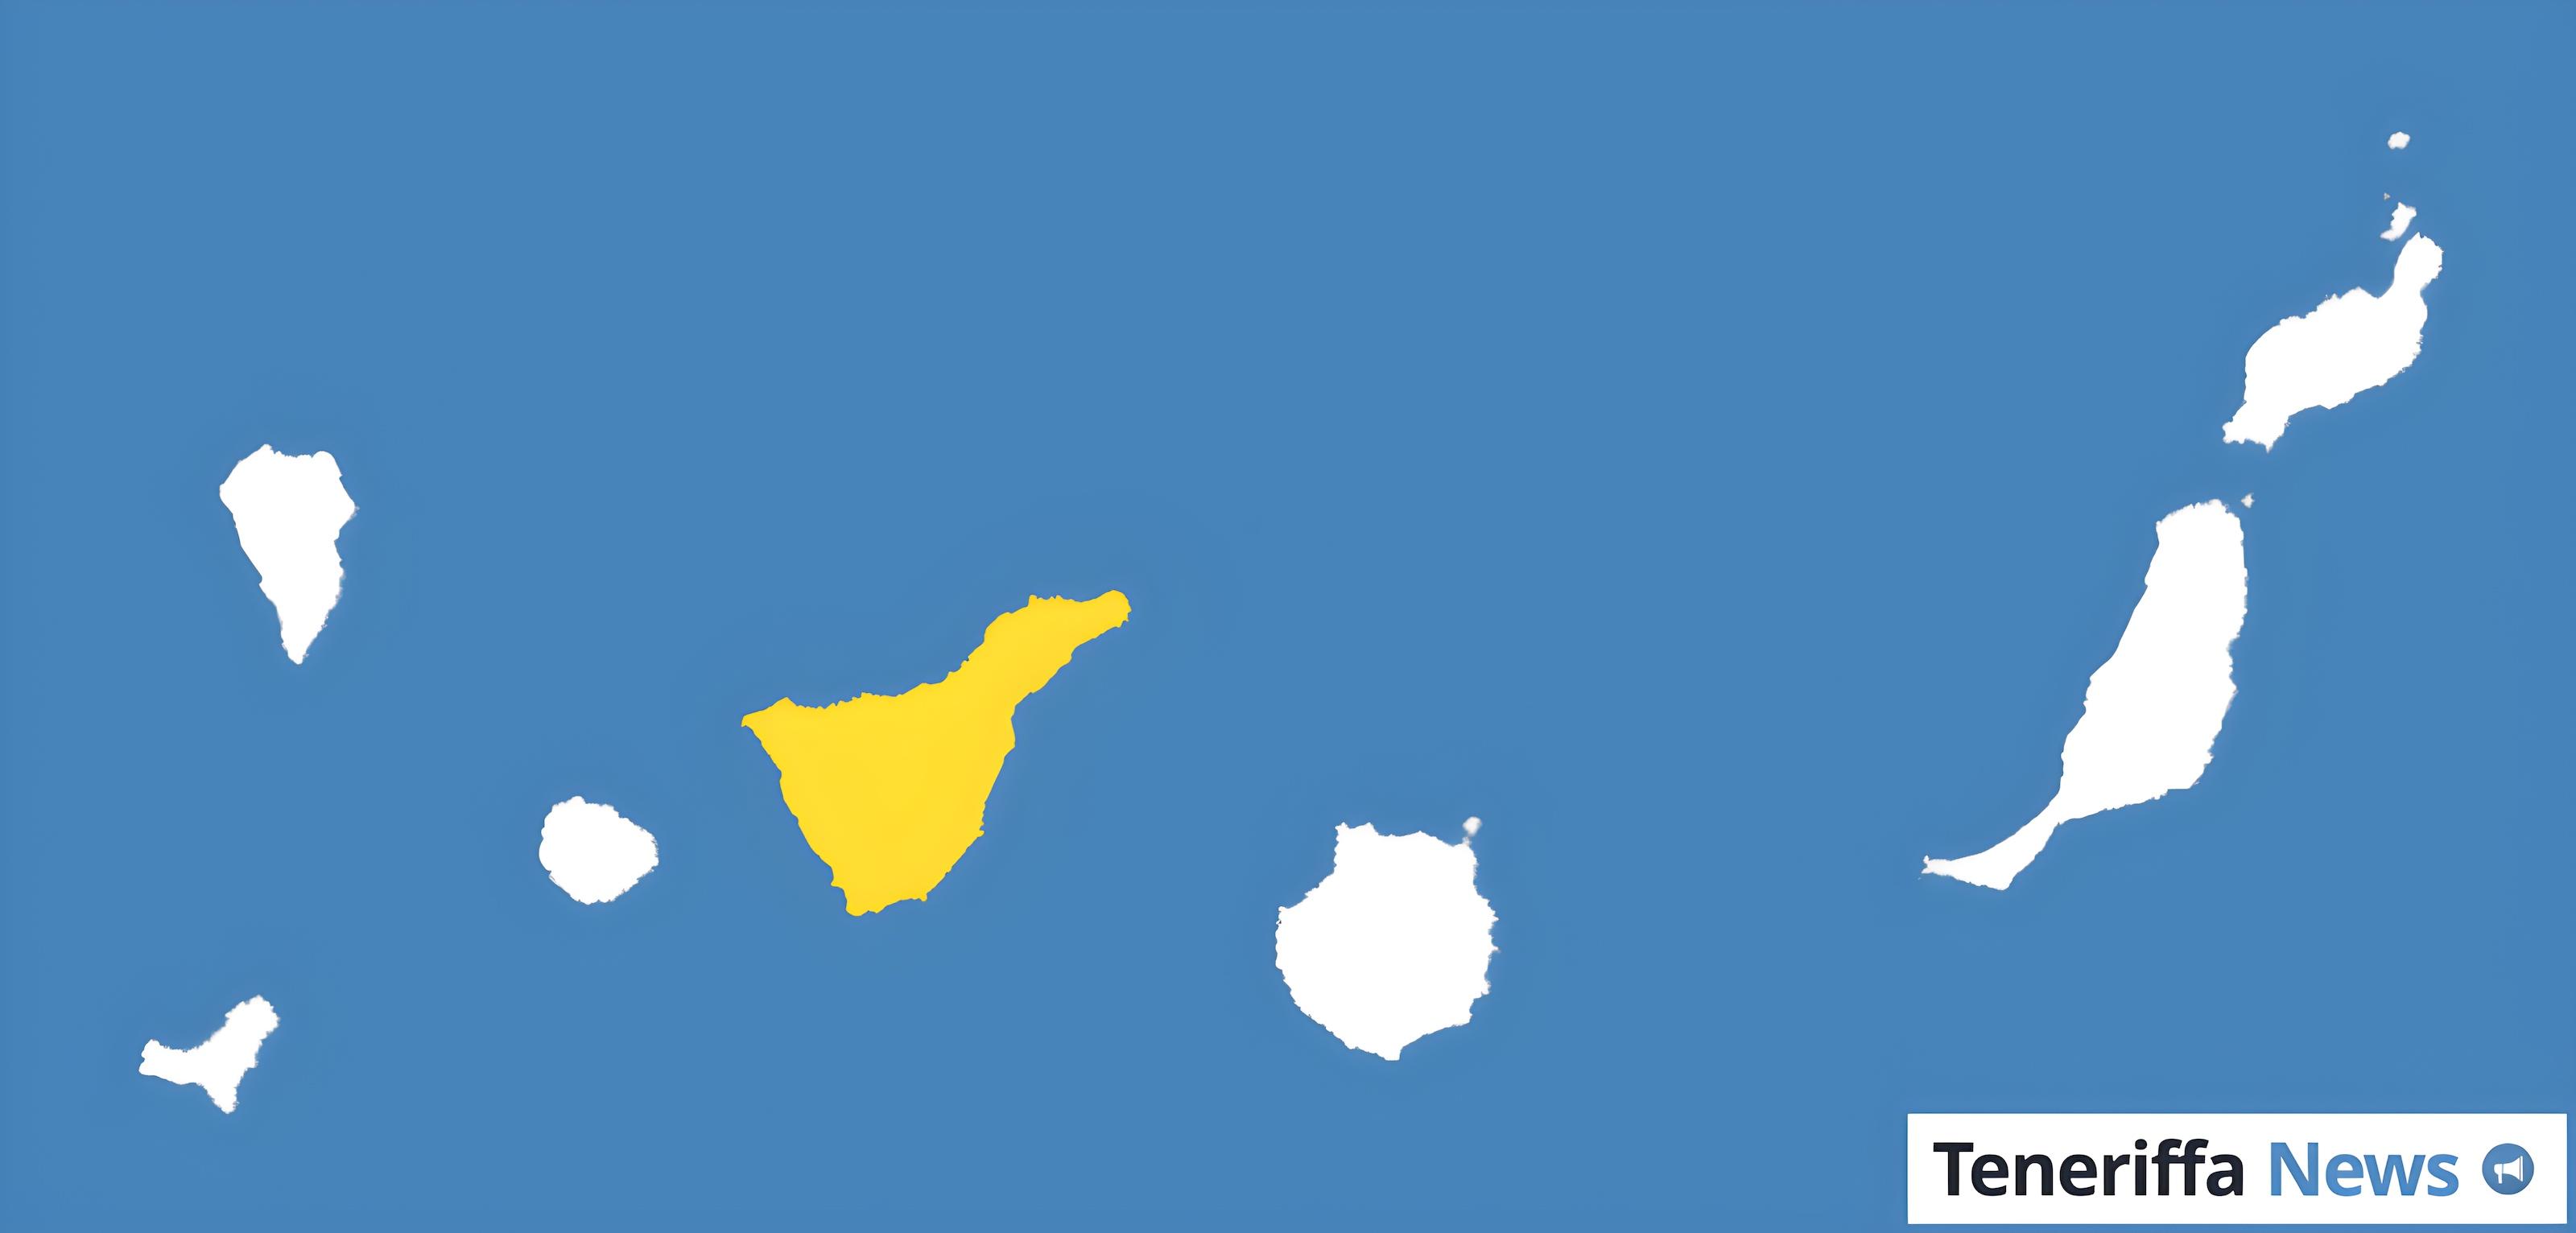 Teneriffa Karte.Termiten Breiten Sich Auf Teneriffa Aus